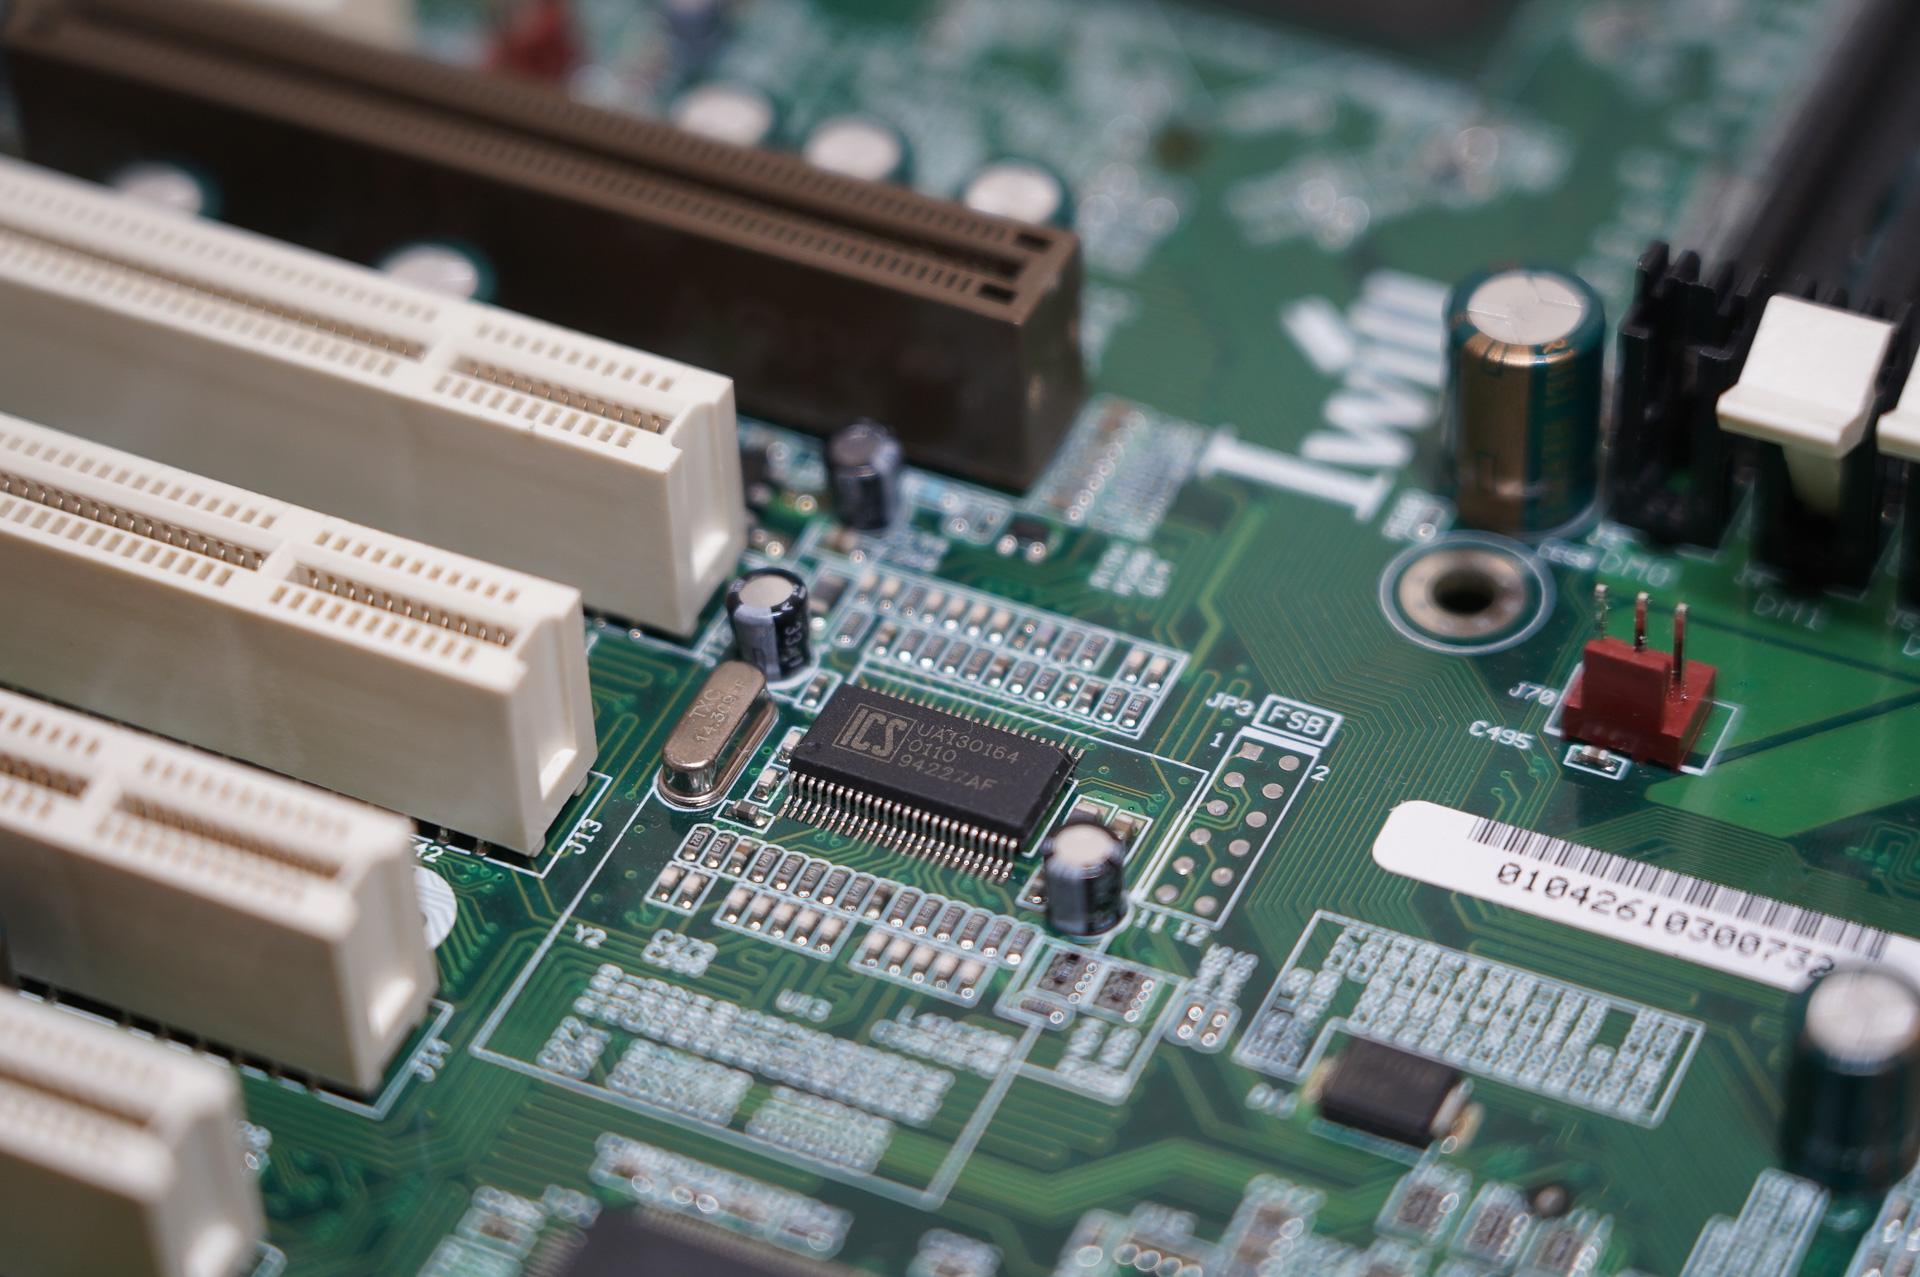 ICSのクロックジェネレーター(UA130164)、DVD266シリーズにはPCIスロット近くにこのUA130164が搭載されており他、メモリ周りに同じくICSのUA120169Aという2つのクロックジェネレータが搭載されている